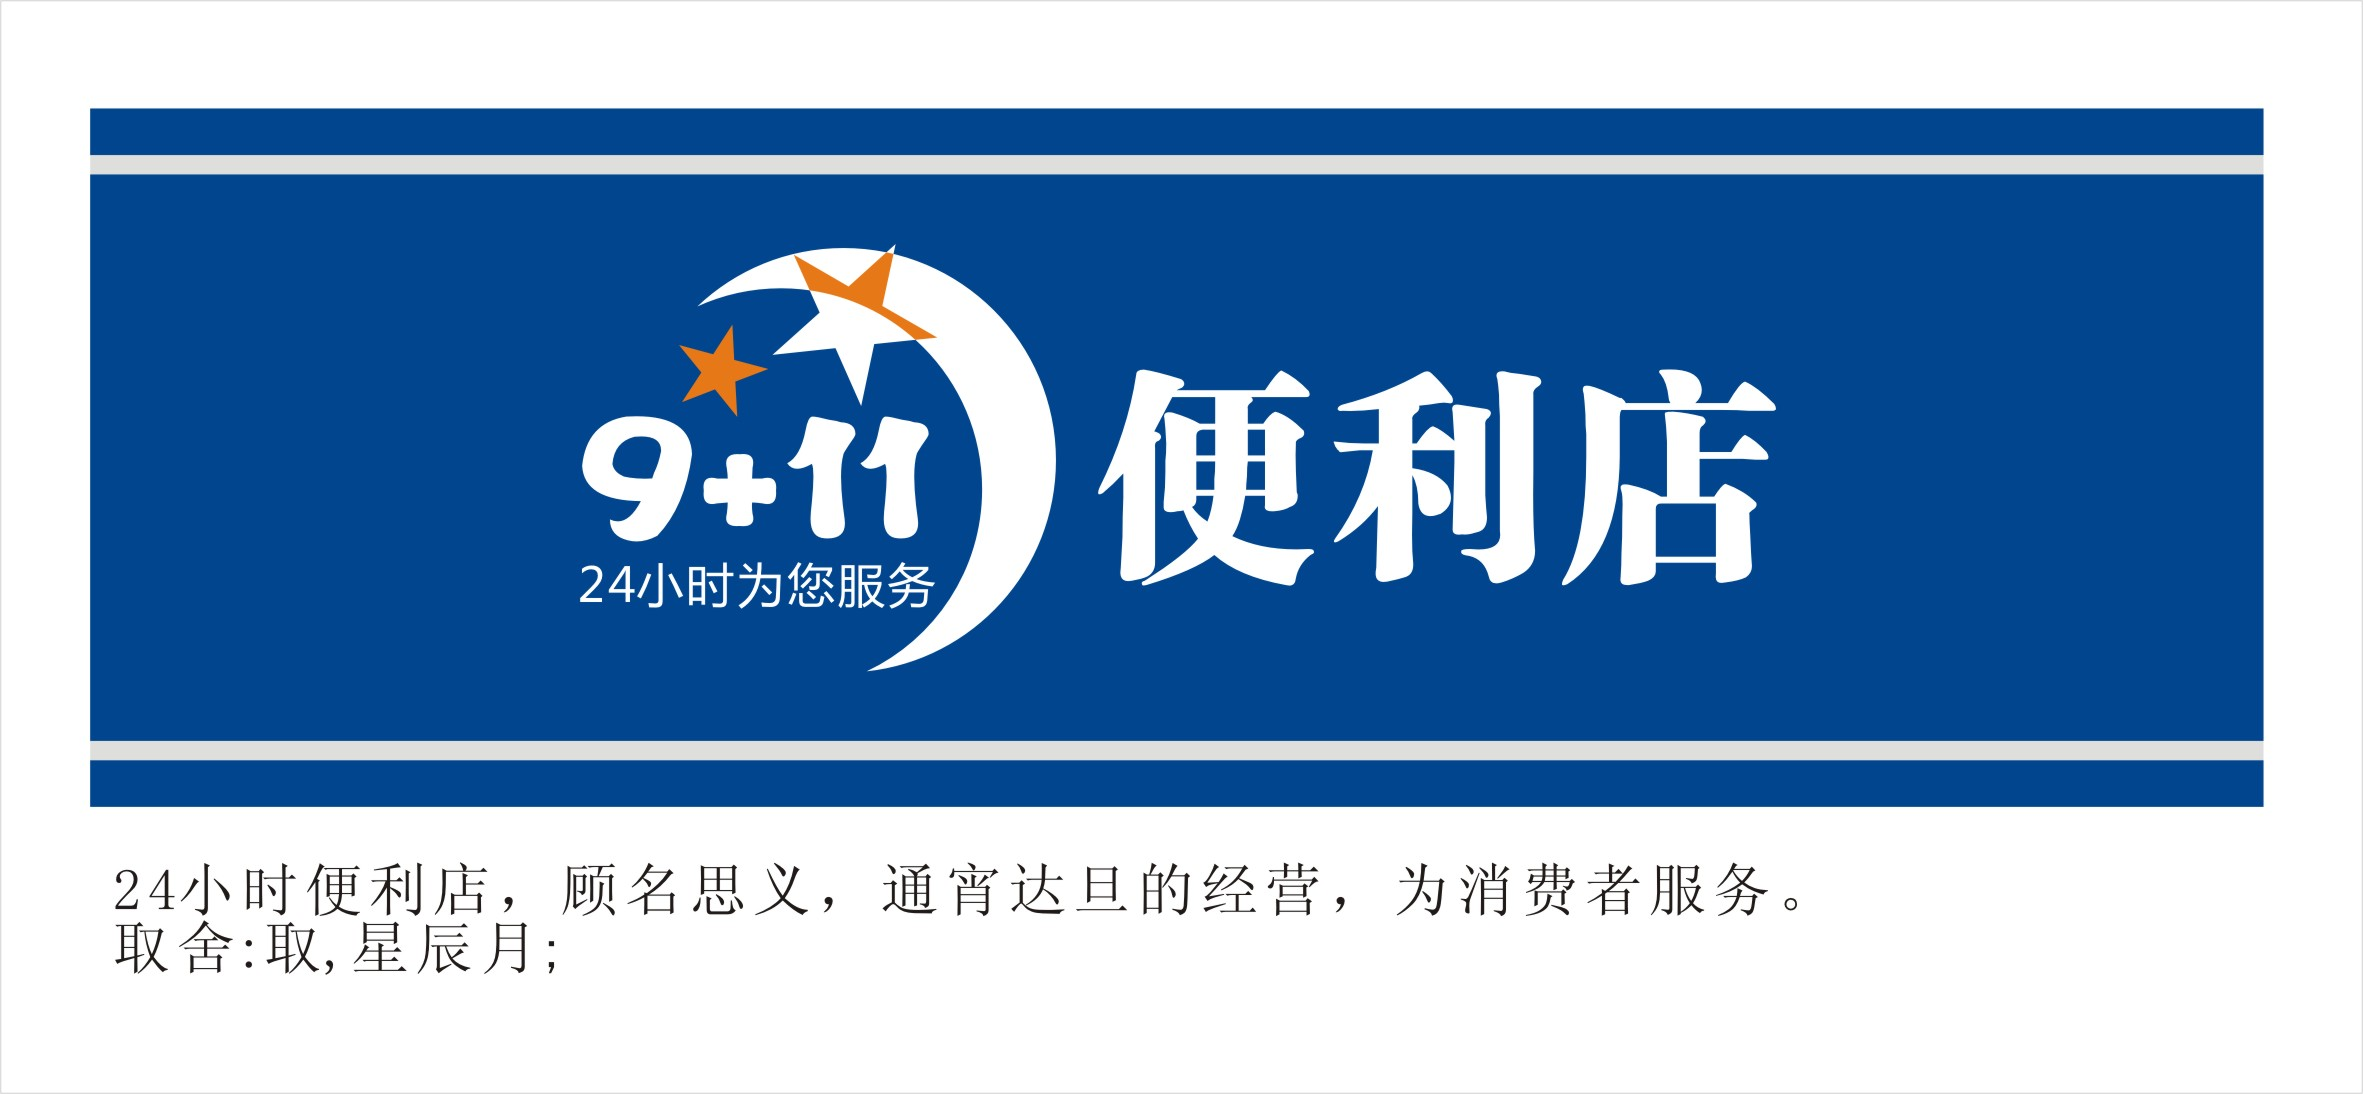 便利店logo,招牌设计